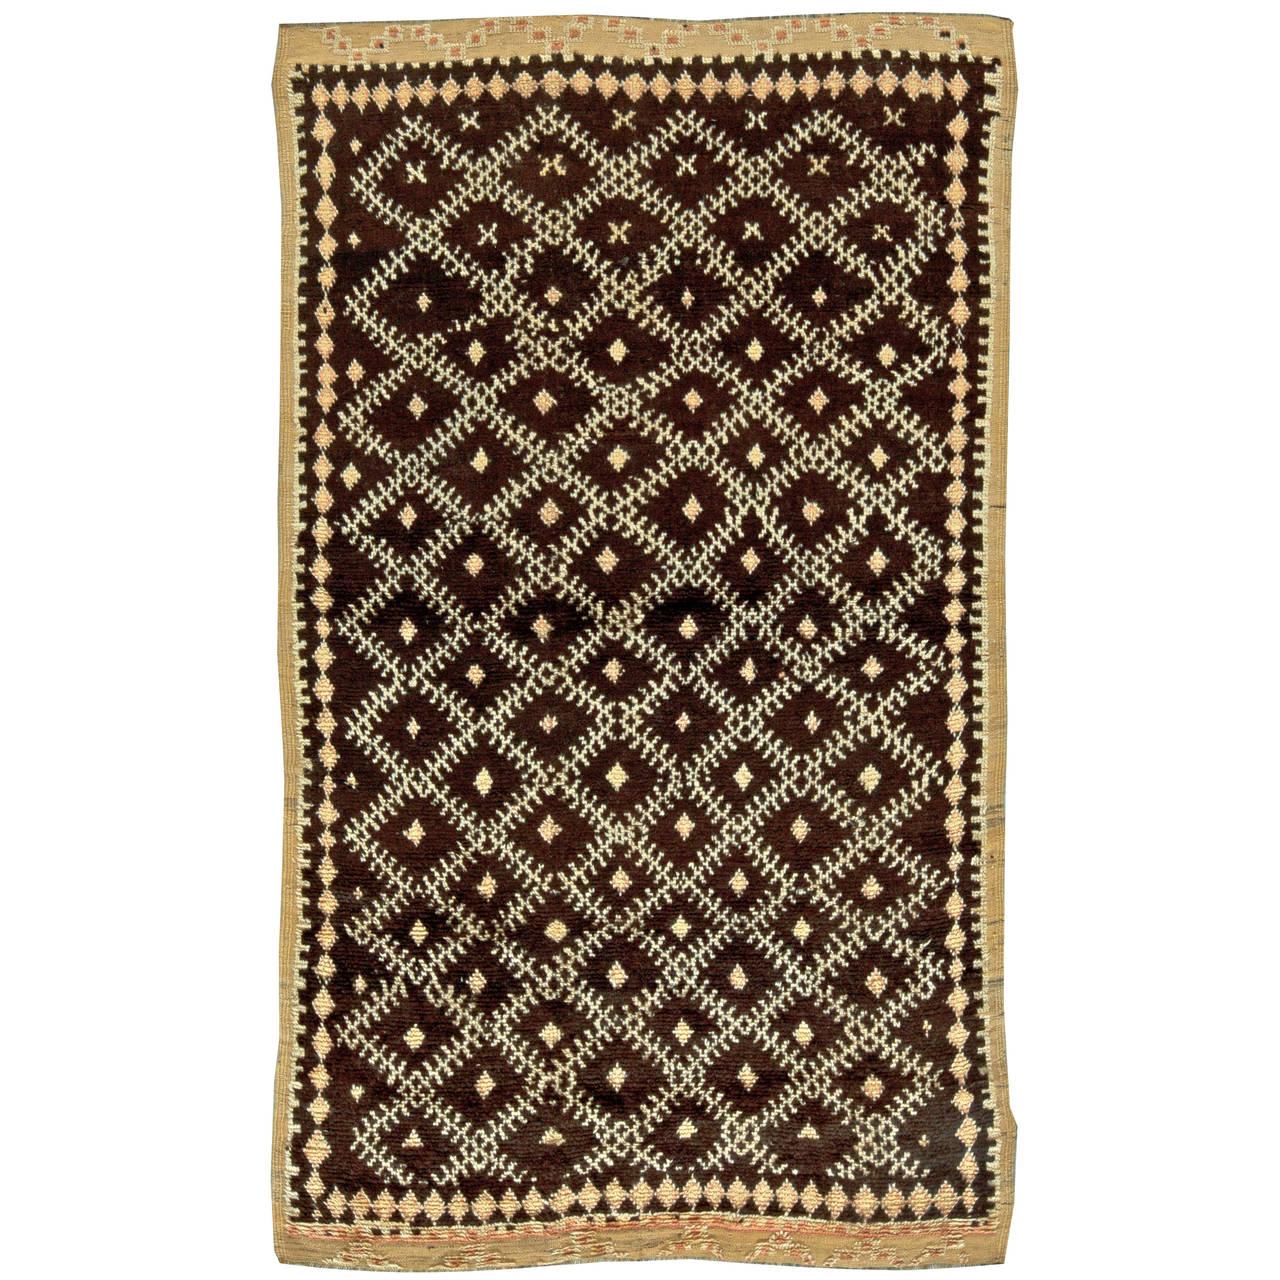 Tribal Moroccan Rug, circa 1940s